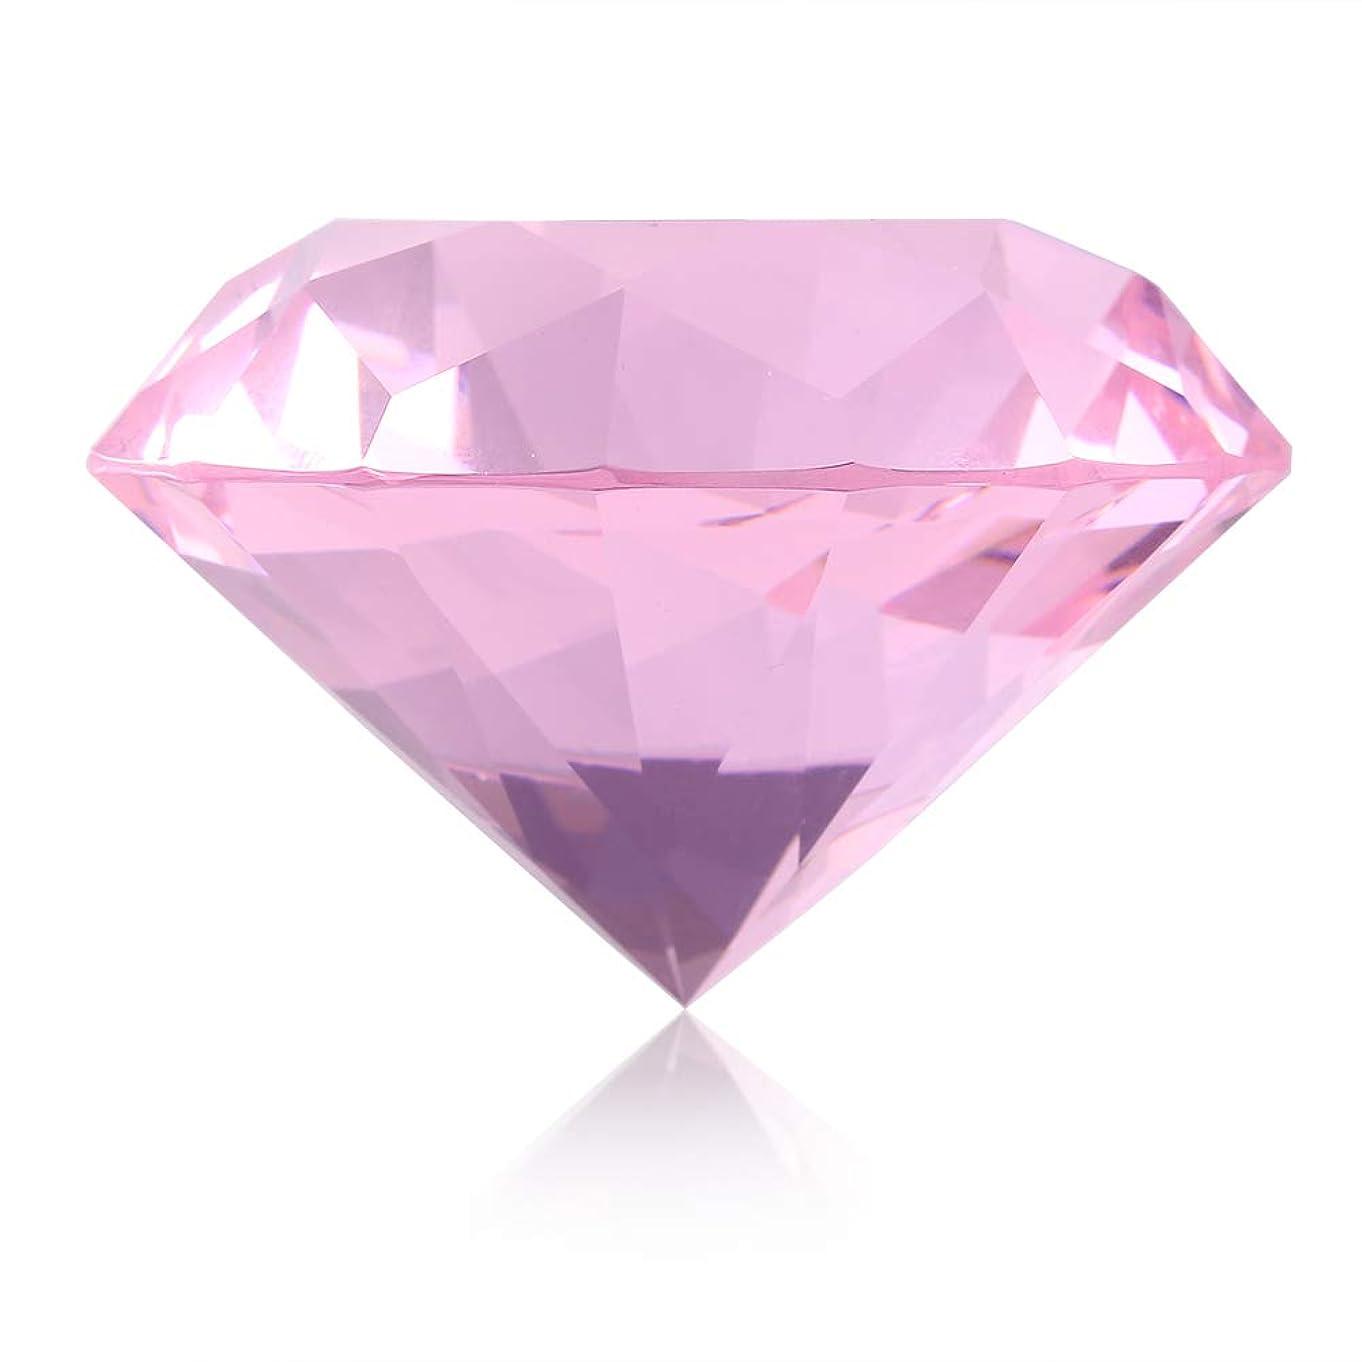 公然とじゃがいも犬ネイルチップスタンド スタンドベース ネイルアートディスプレイ ガラス クリスタル ダイヤモンド 撮影道具 モデル ネイルチップホルダー (ピンク)